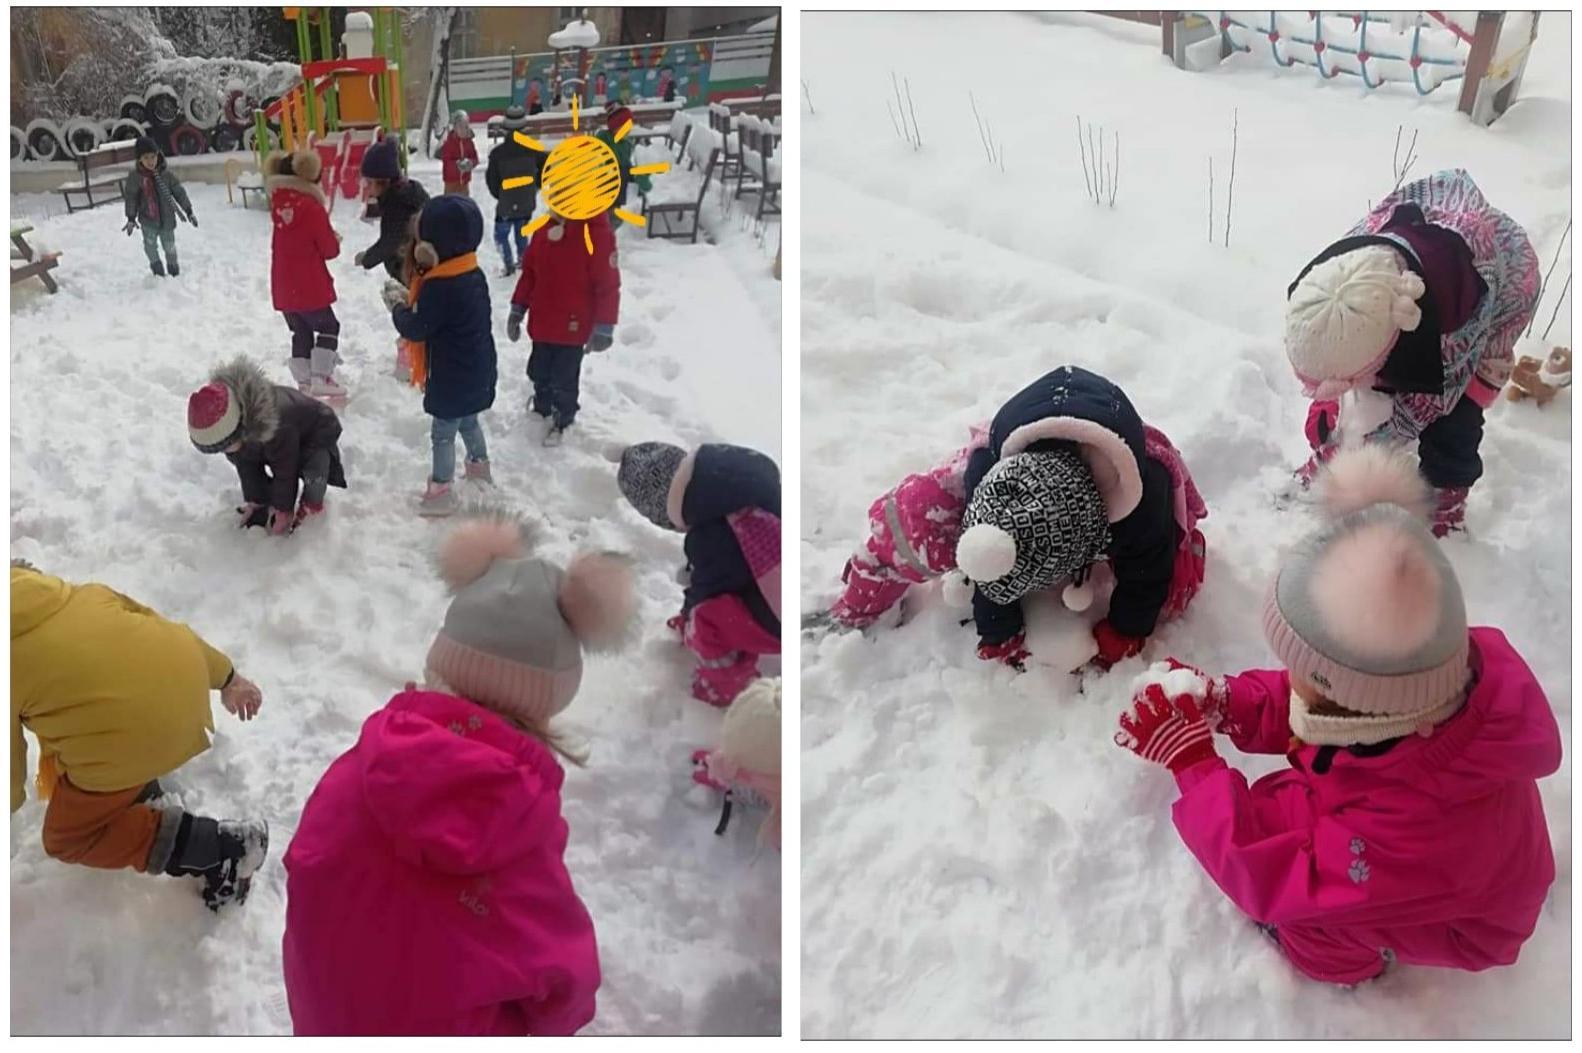 Кои детски градини в София извеждат децата да играят навън? (СНИМКИ)